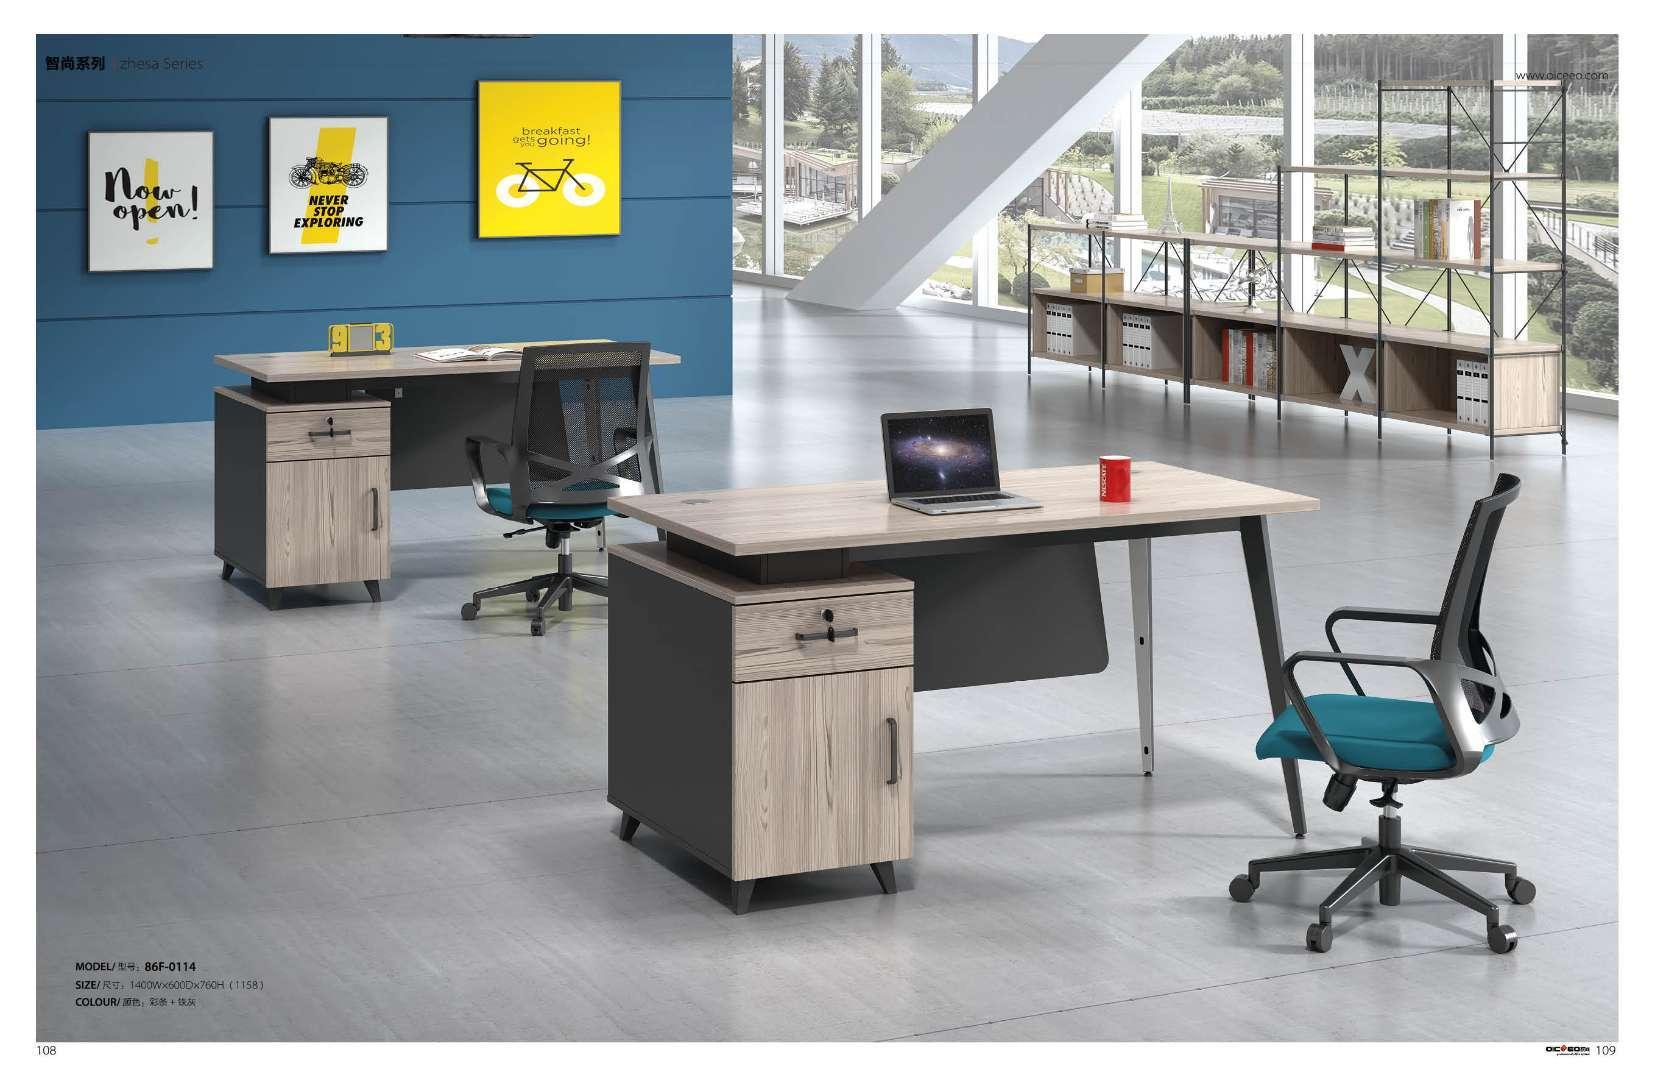 为您提供几种不同风格的成都办公家具参考类型